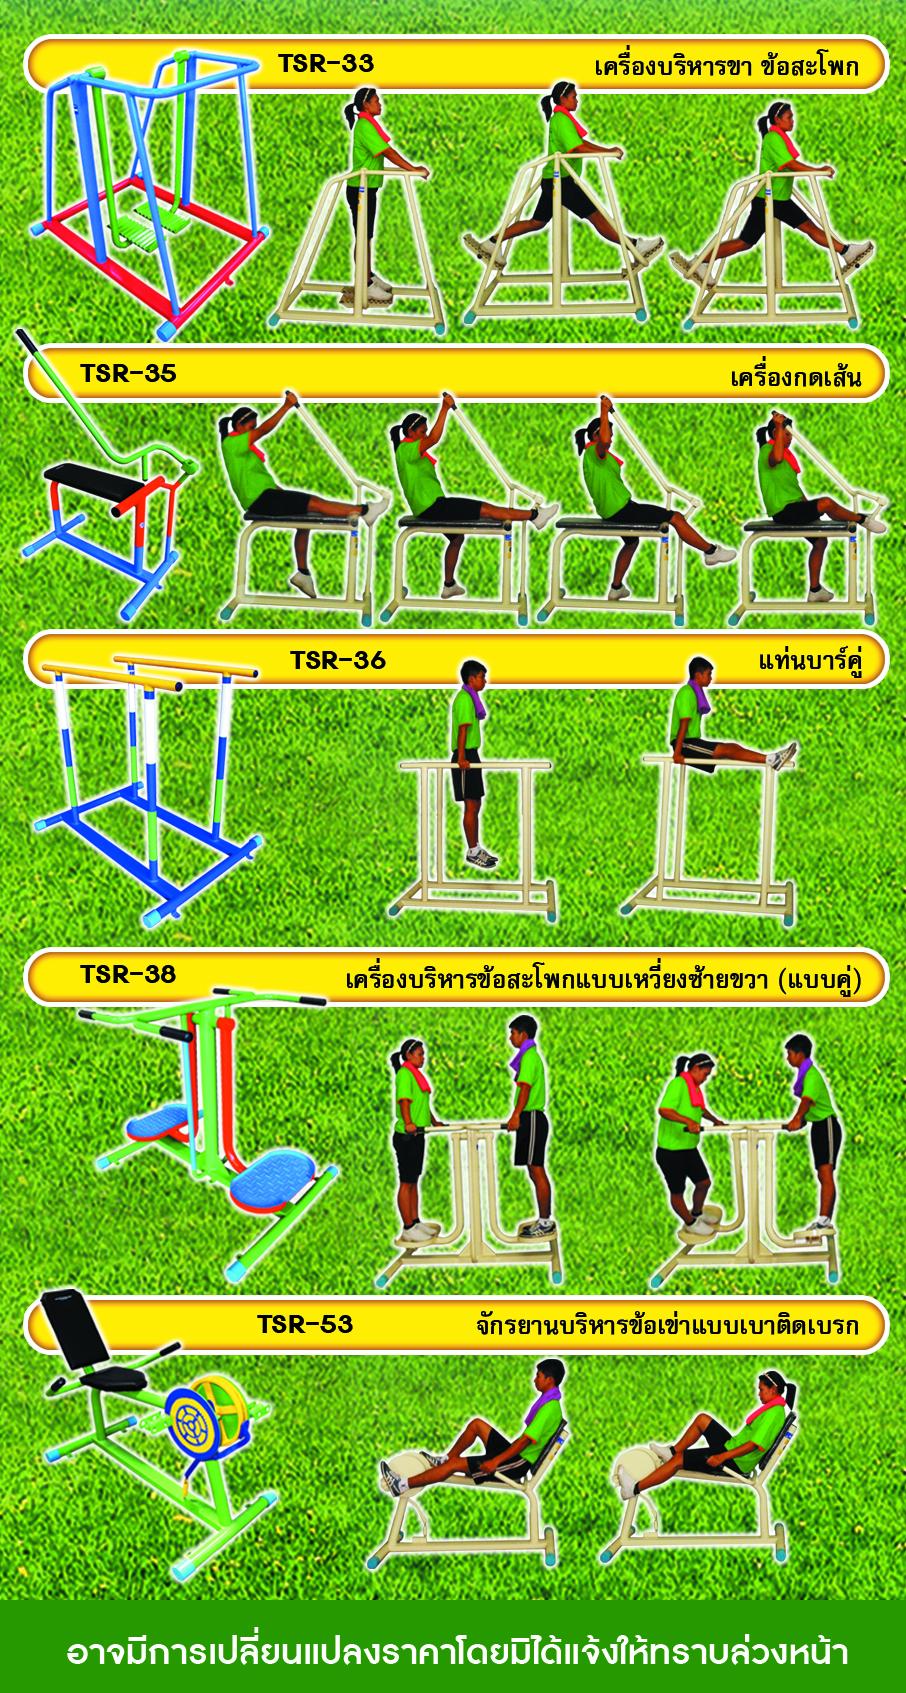 วิธีการเล่นเครื่องออกกำลังกาย-8